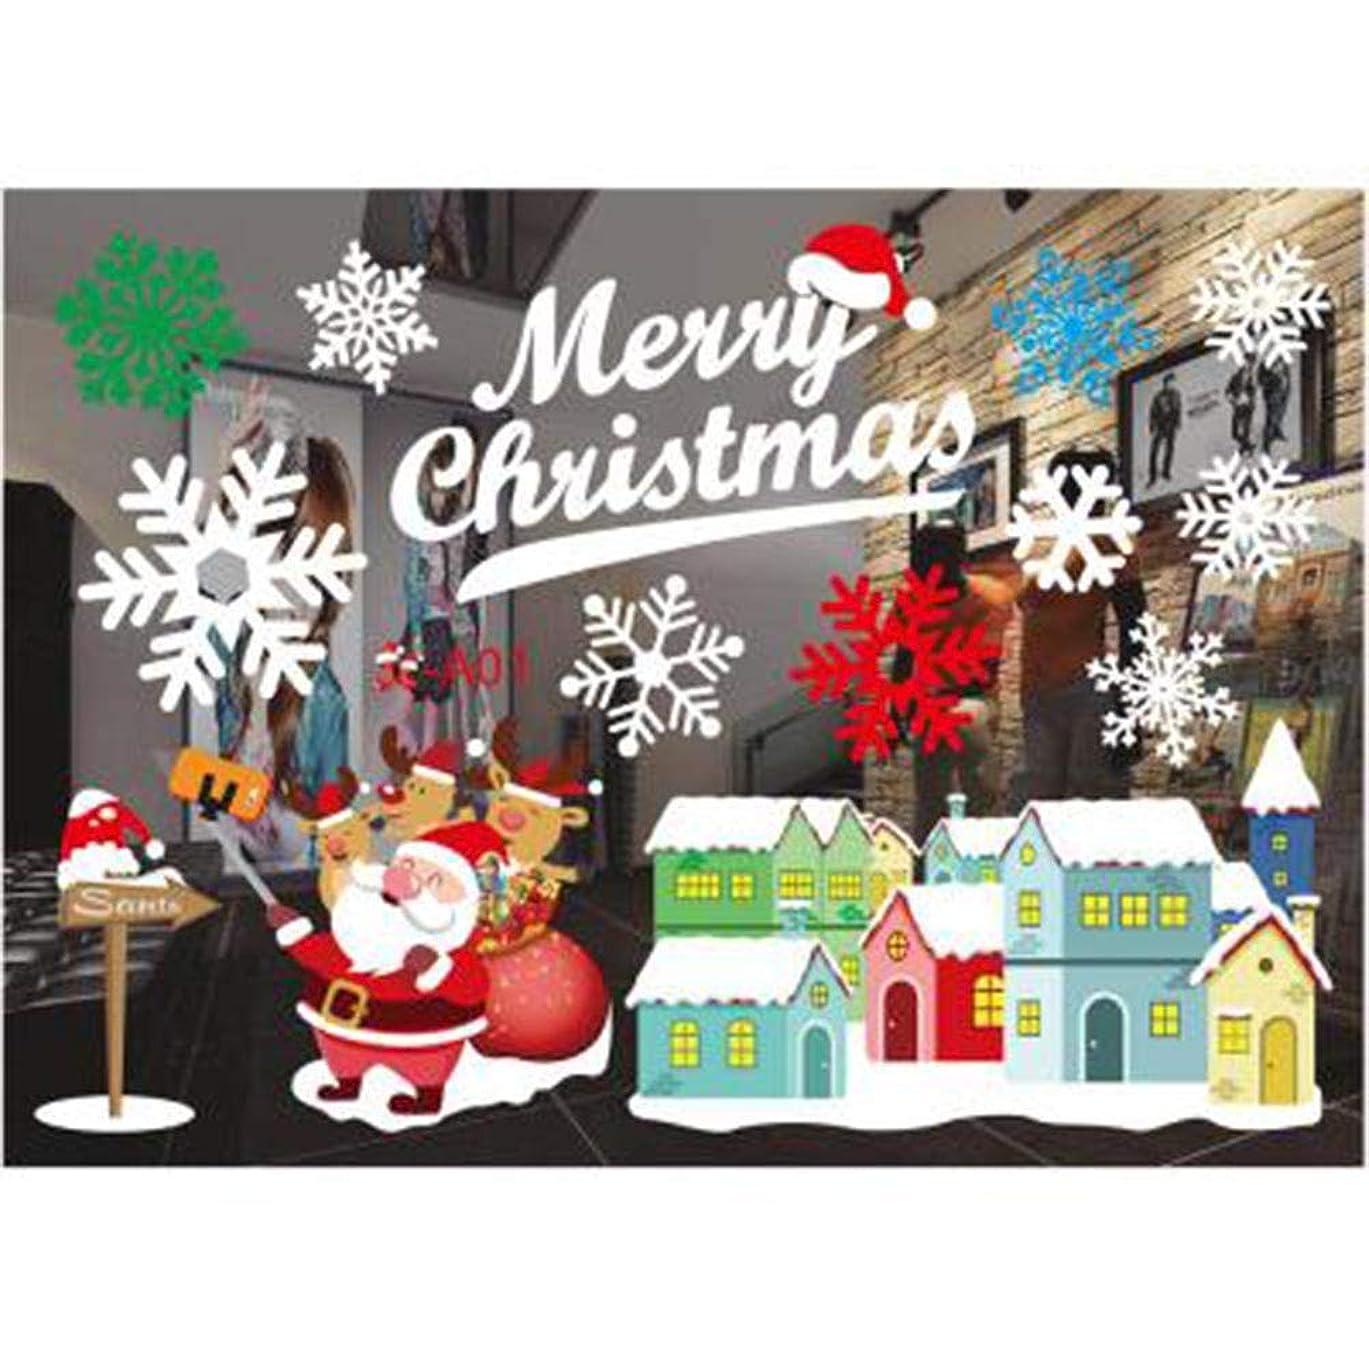 土器項目タービンクリスマスウィンドウステッカー、feelingoodクリエイティブクリスマスデコレーションウォールステッカーサンタクロース雪だるまスノーフレーク壊れた壁ウィンドウステッカー寝室リビングルームの背景ステッカーパーティー用品